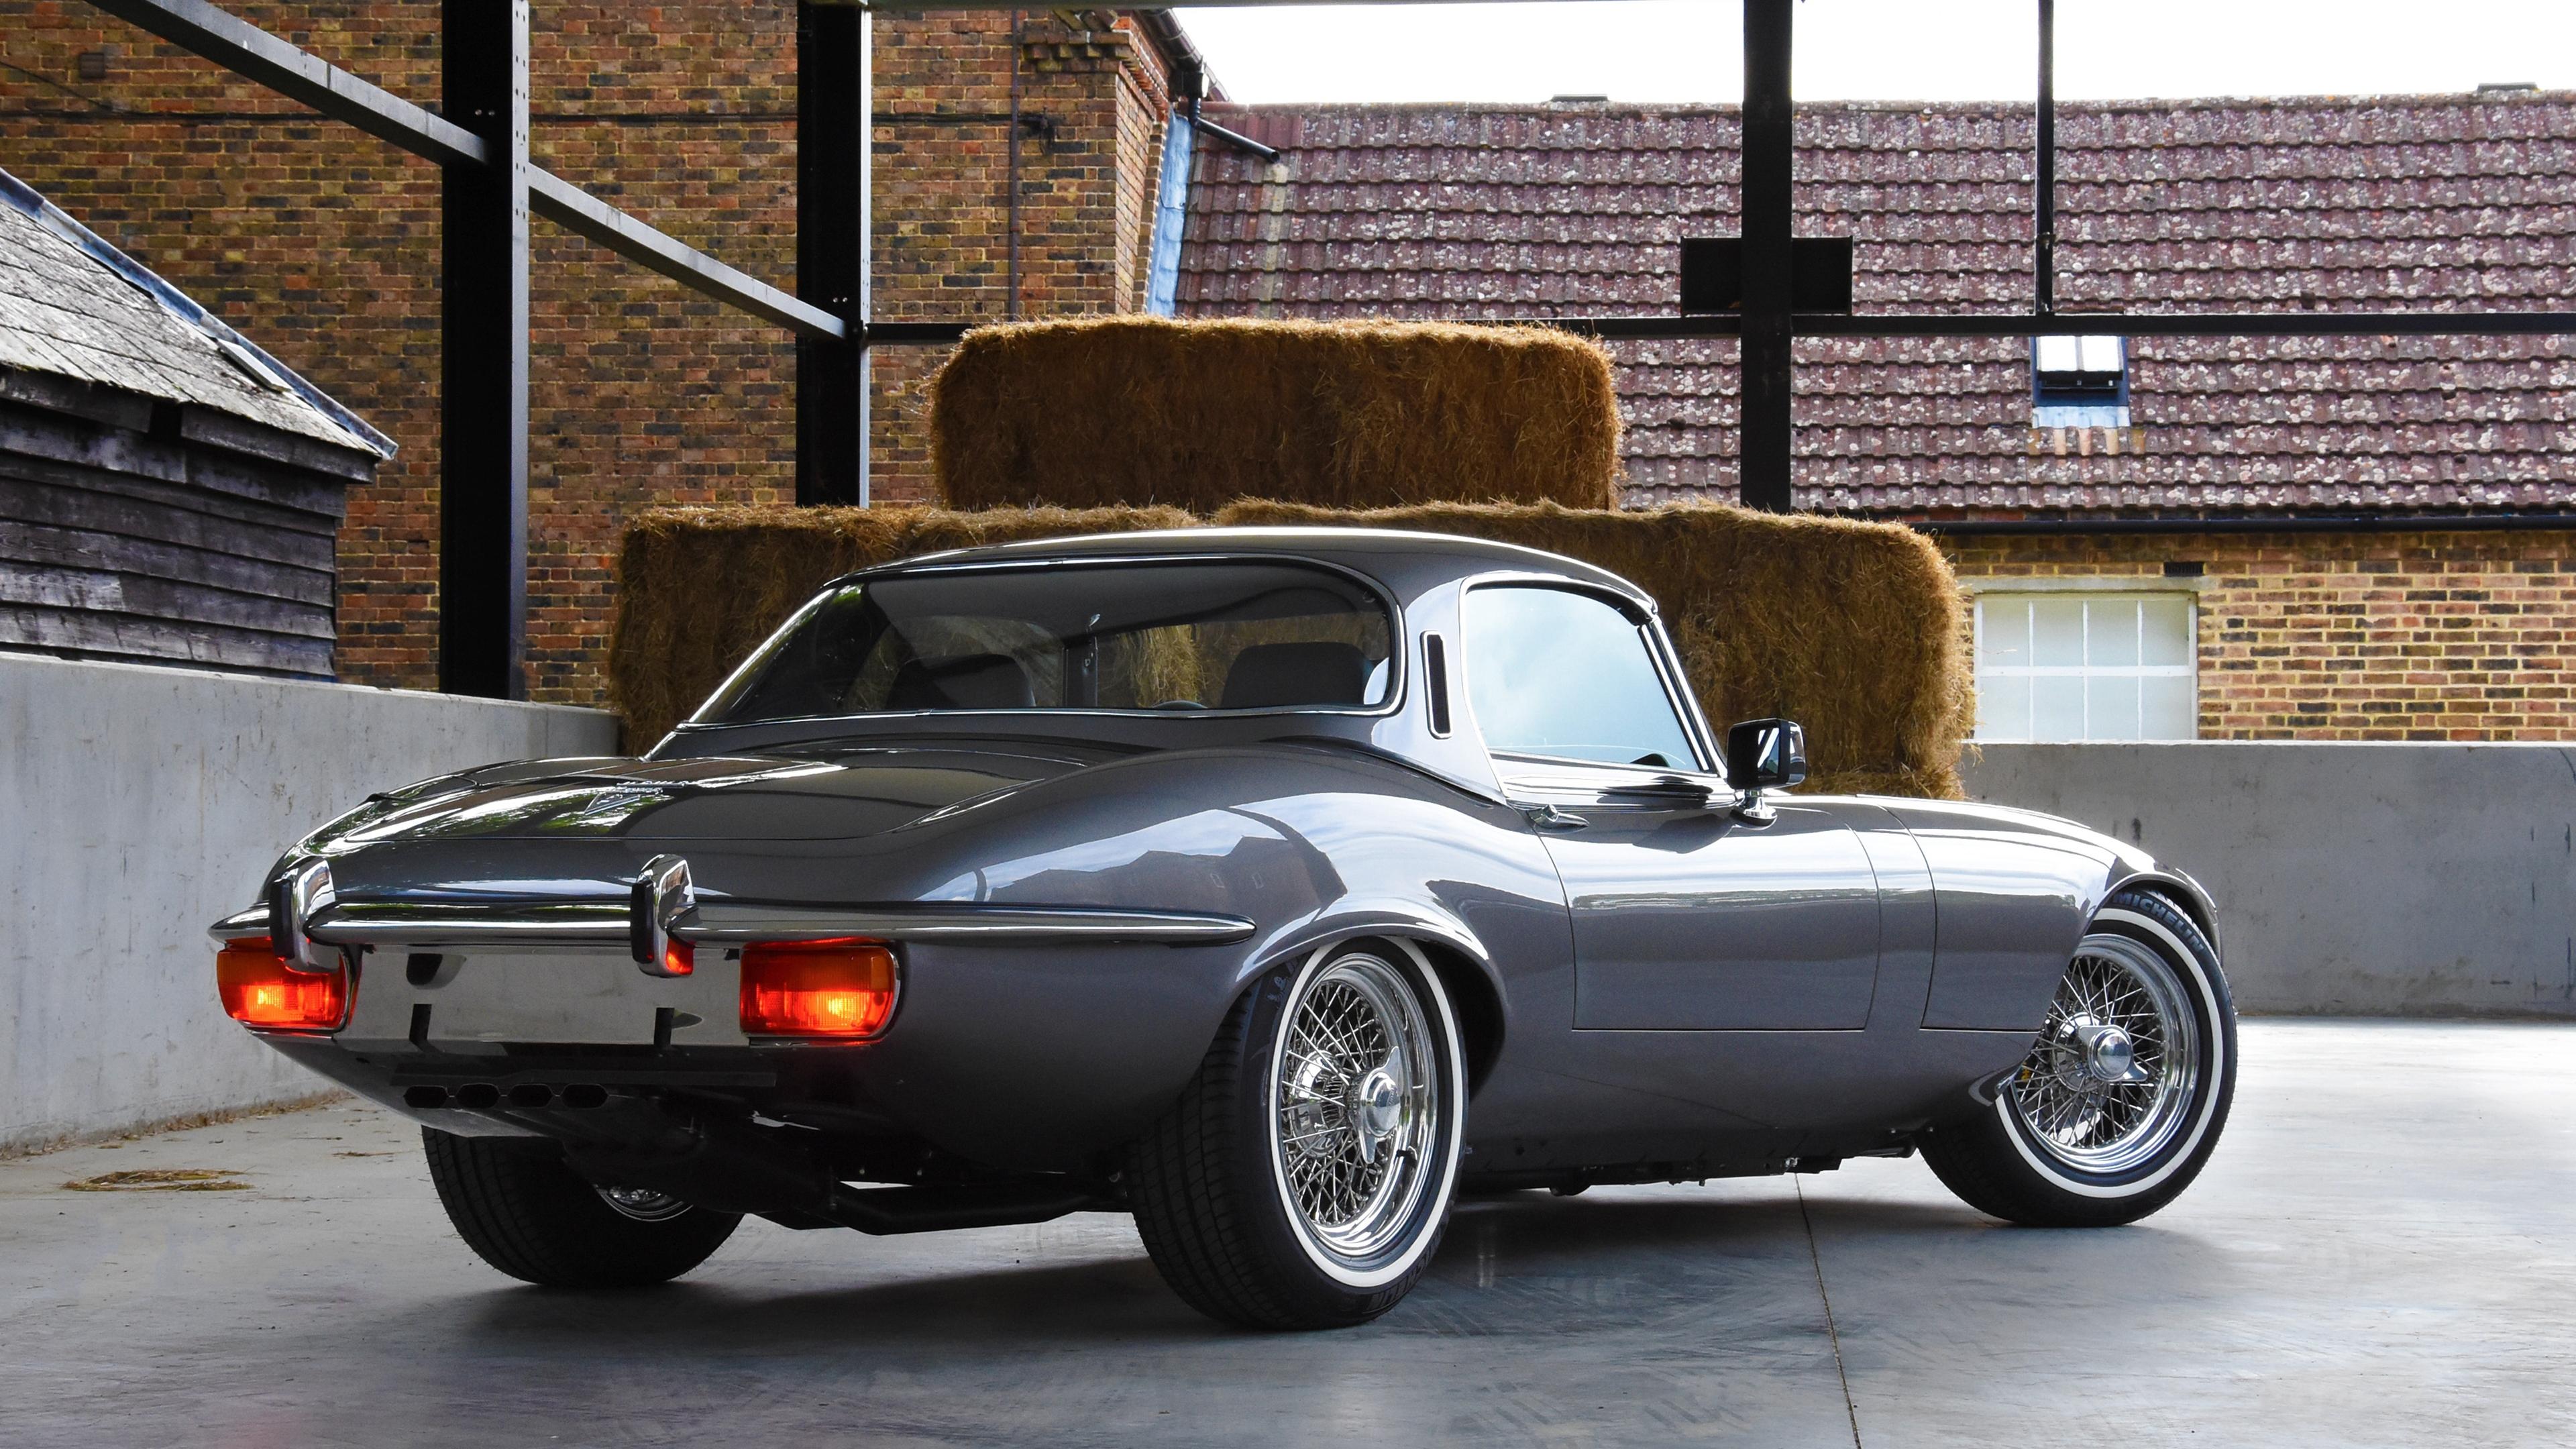 e type uk jaguar s3 v12 2018 rear view 1539113649 - E Type UK Jaguar S3 V12 2018 Rear View - jaguar wallpapers, hd-wallpapers, cars wallpapers, 4k-wallpapers, 2018 cars wallpapers